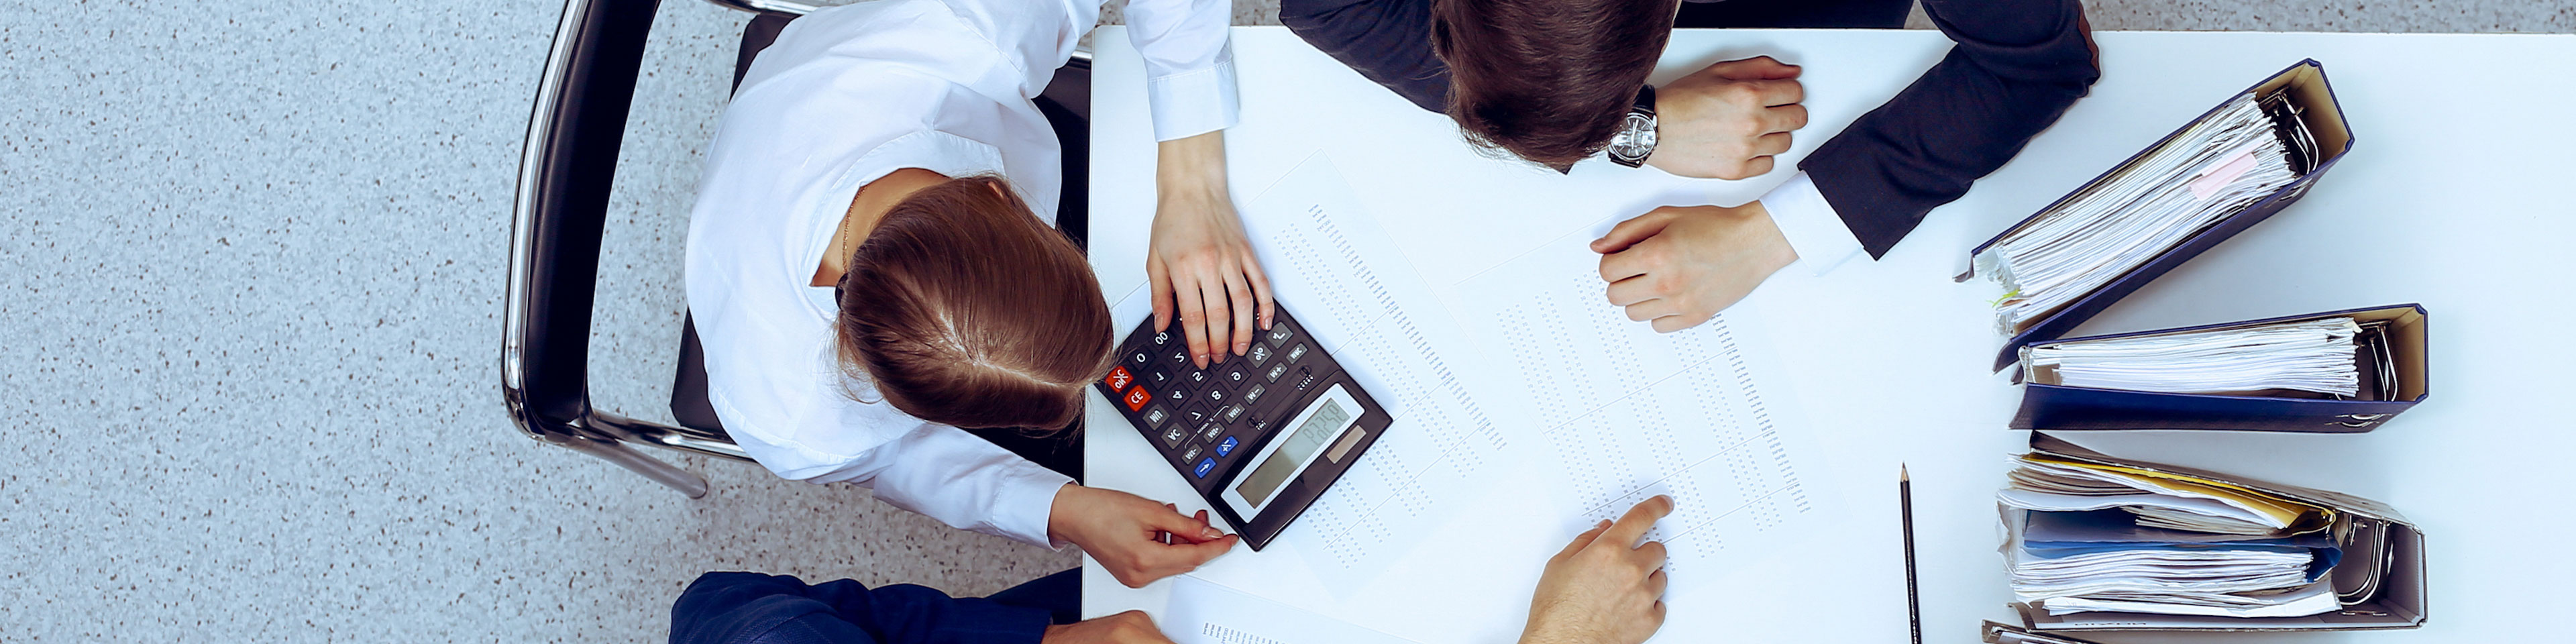 10 etapas para resolver problemas de mercado em um processo de auditoria interna